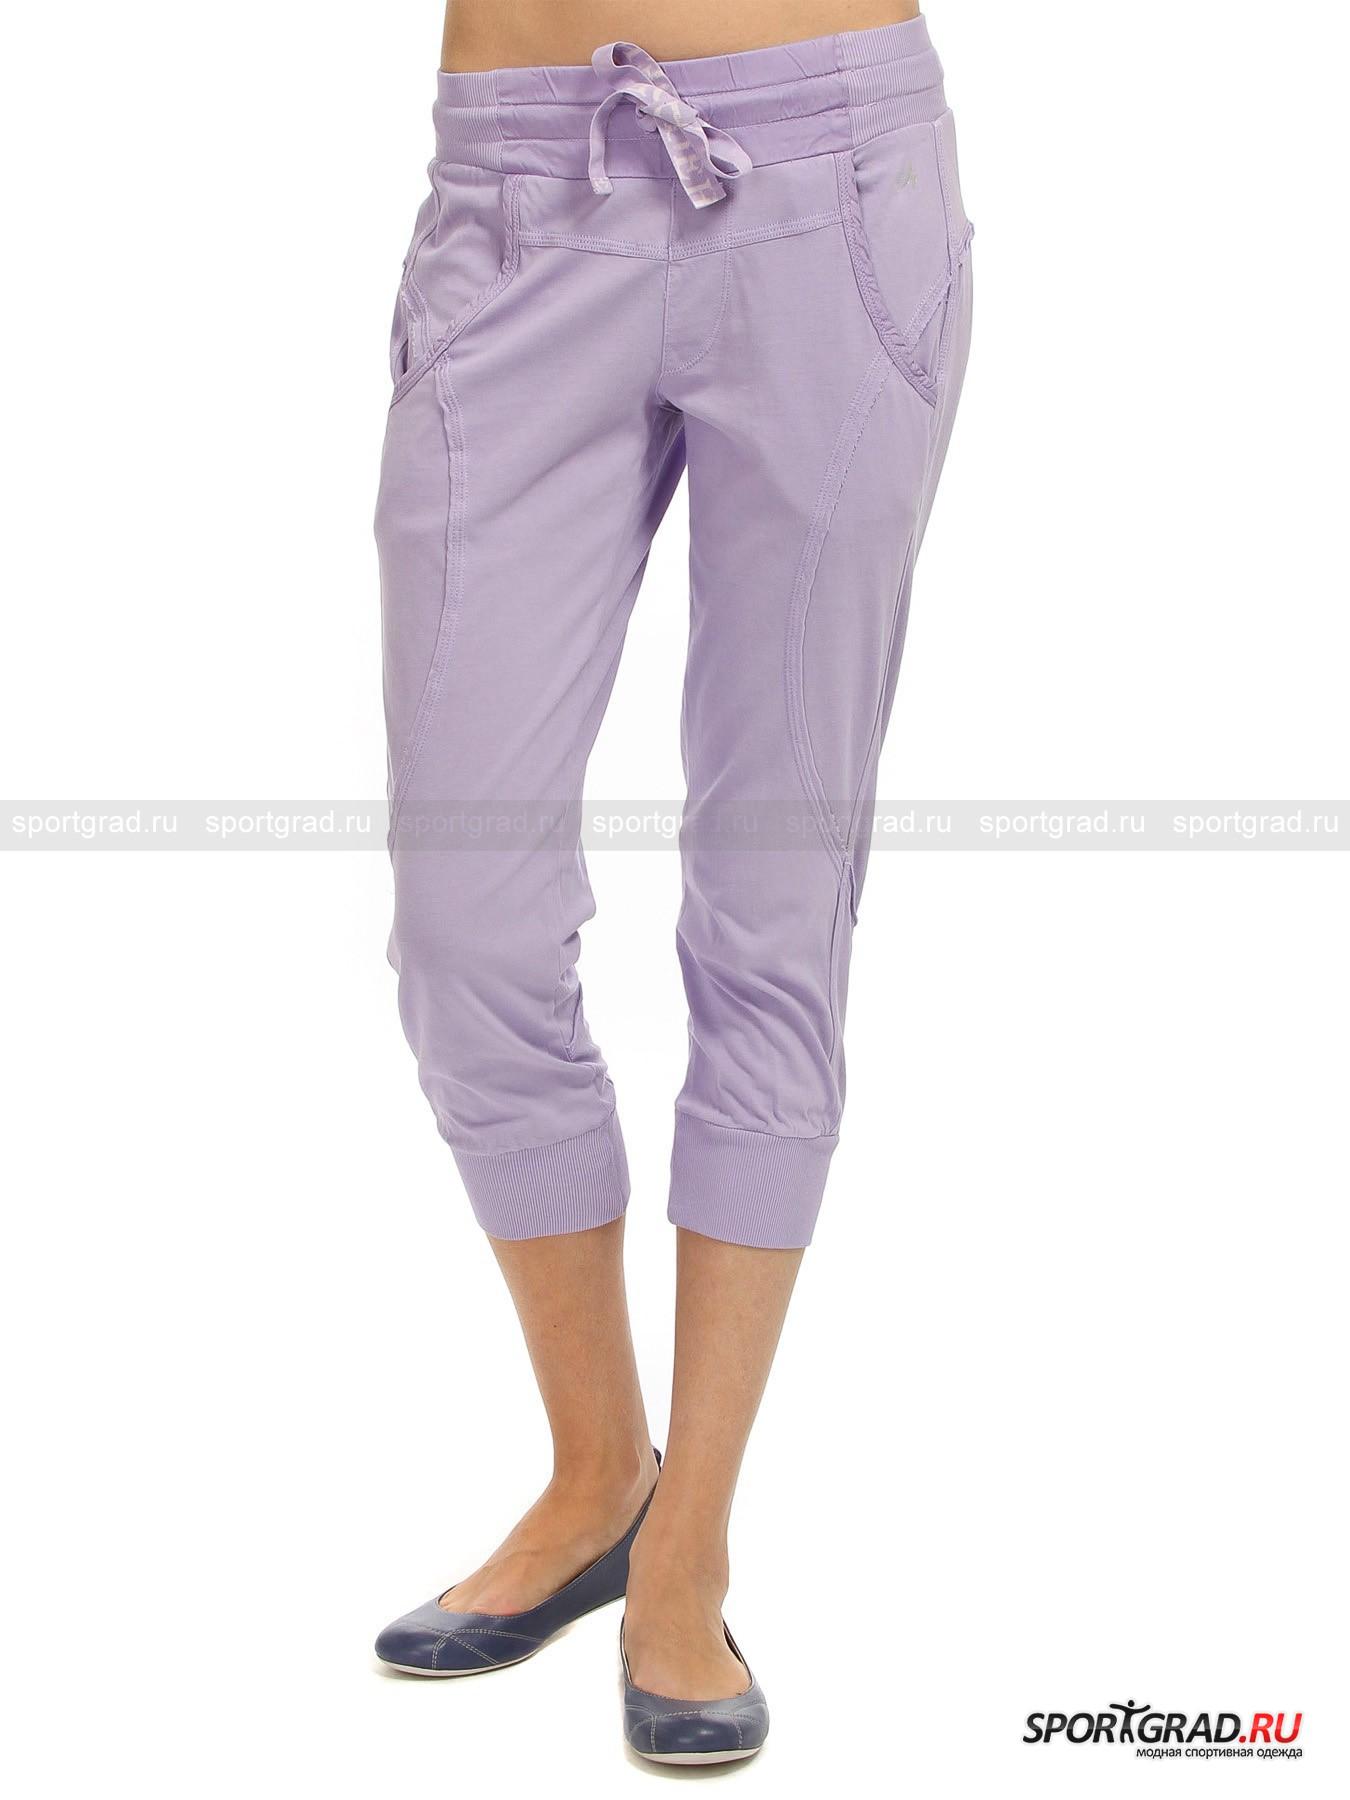 Капри женские хлопковые Capri pants DEHAБриджи, Капри<br>Пленительные женские капри Capri pants DEHA в нежной сиреневой гамме освежат и украсят весенний гардероб тех дам и девушек, что подустали от тяжелых зимних одежд и цветов. Плавные и закругленные фигурные линии, просматривающиеся в дизайне карманов, декоративного фронтального клапана, кокетки и рельефных швов, отороченных волнистым необработанным краем,  вместе с гладкой отделкой из ткани другой текстуры, нежели основное изделие, придают модели очарования и женственности. Комбинированный эластичный пояс с тесьмой, протянутой по кулиске, как и манжеты по низу брючин, выполненные узором «резинка», гарантируют комфортную фиксированную посадку. Усиленные боковые швы повышают прочность хлопкового полотна и продлевают удовольствие от носки.<br><br>Длина по боковому шву с учетом пояса 76 см, ширина пояса 32 см (размер S).<br><br>Пол: Женский<br>Возраст: Взрослый<br>Тип: Бриджи, Капри<br>Рекомендации по уходу: Изделию показана машинная стирка при температуре 30°, глажка при температуре, не превышающей 110°, и химчистка. Запрещены отбеливание и сушка в стиральной машине или электросушилке для белья.<br>Состав: Основное изделие: 100% хлопок. Отделка: 55% хлопок, 45% купро.